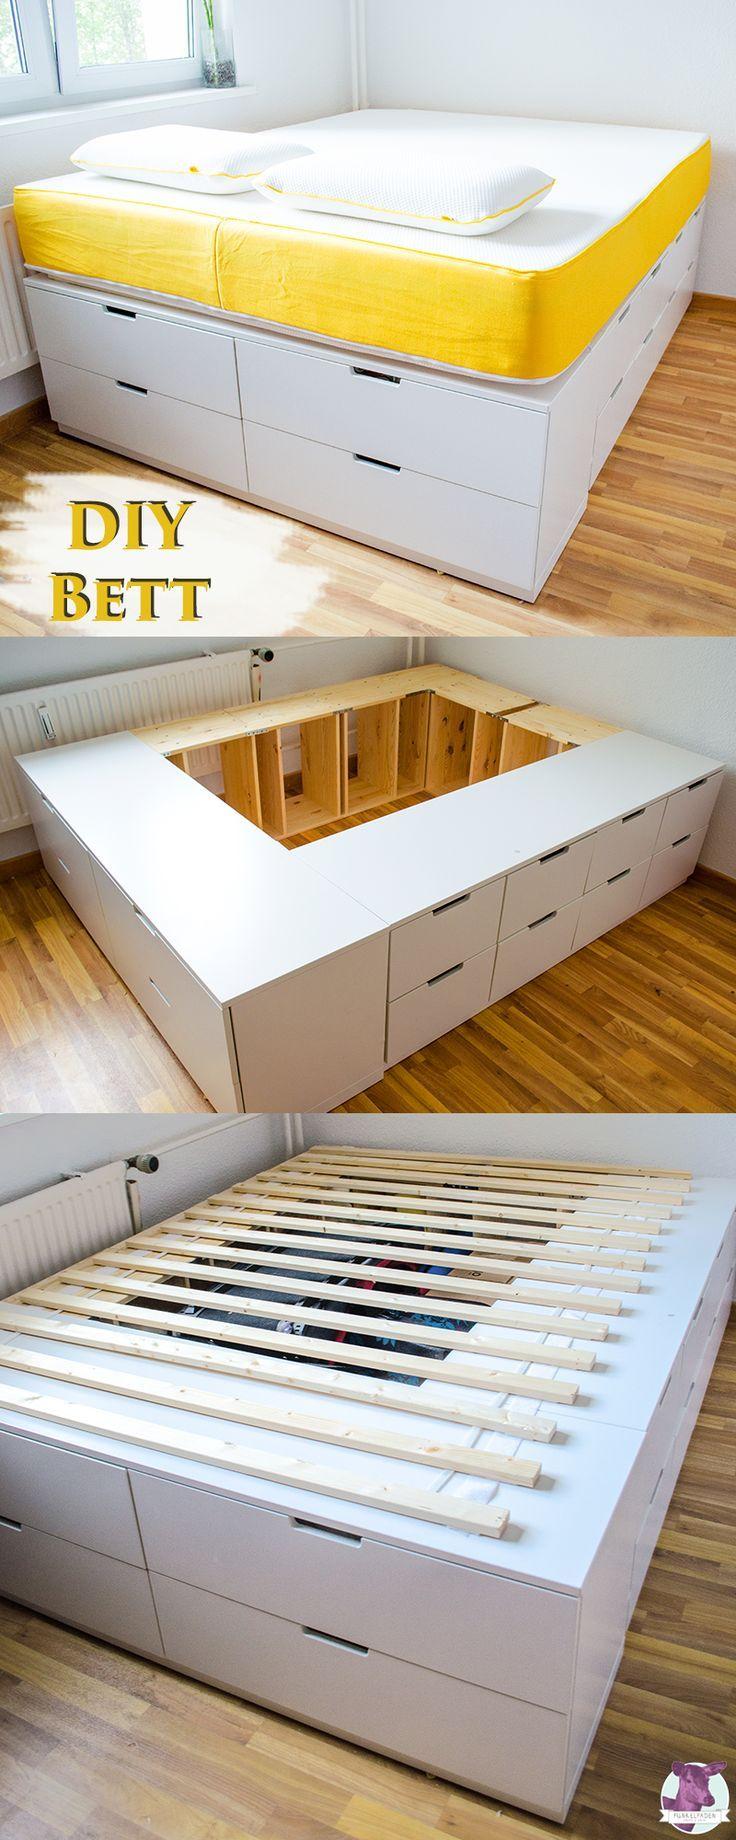 bildergebnis f r schlafcouch selber bauen ich pinterest schlafcouch selber bauen und stabil. Black Bedroom Furniture Sets. Home Design Ideas